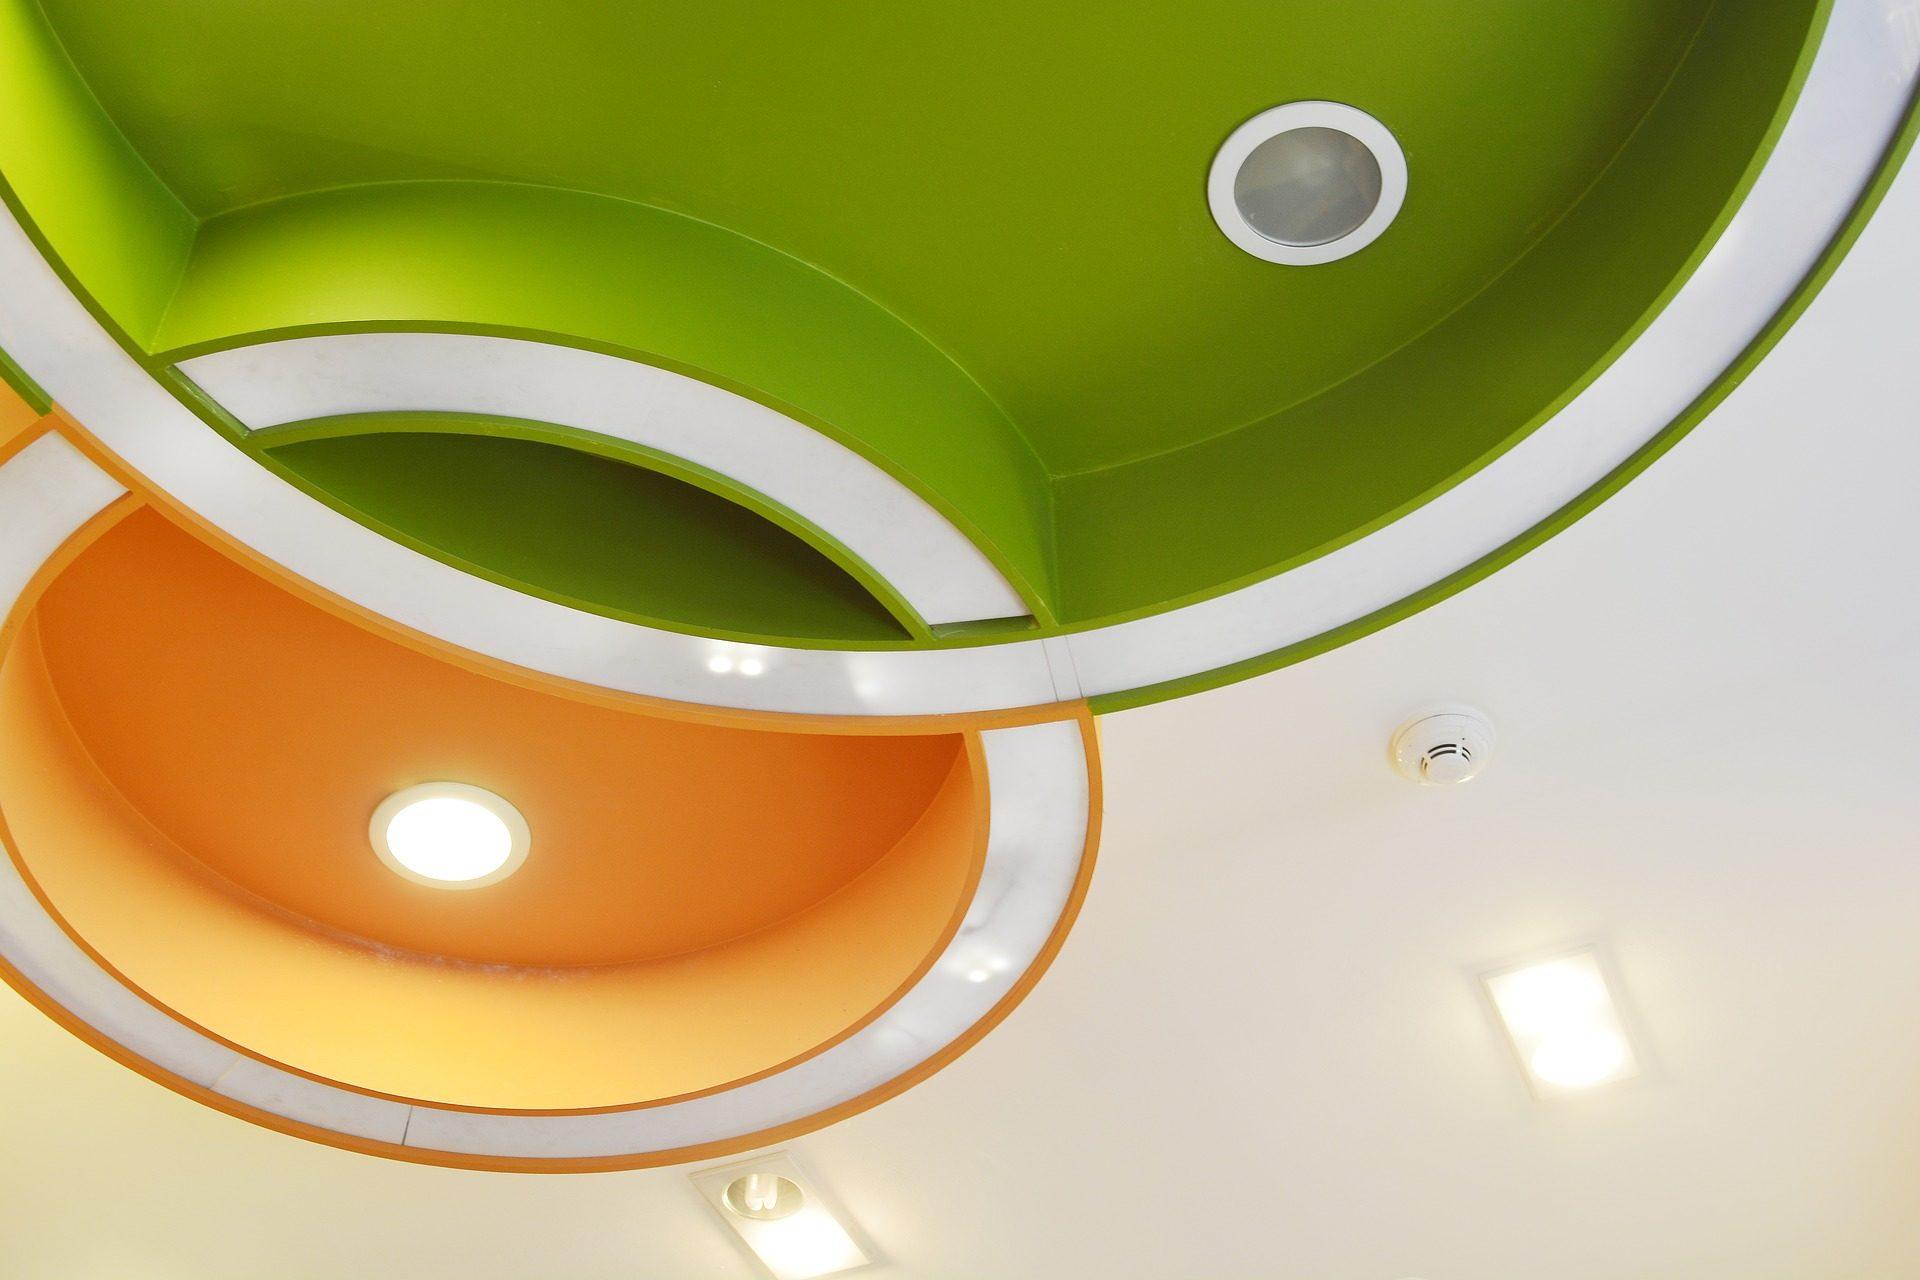 الحد الأقصى, أضواء, إنذار, مصابيح, الهياكل, ملون - خلفيات عالية الدقة - أستاذ falken.com